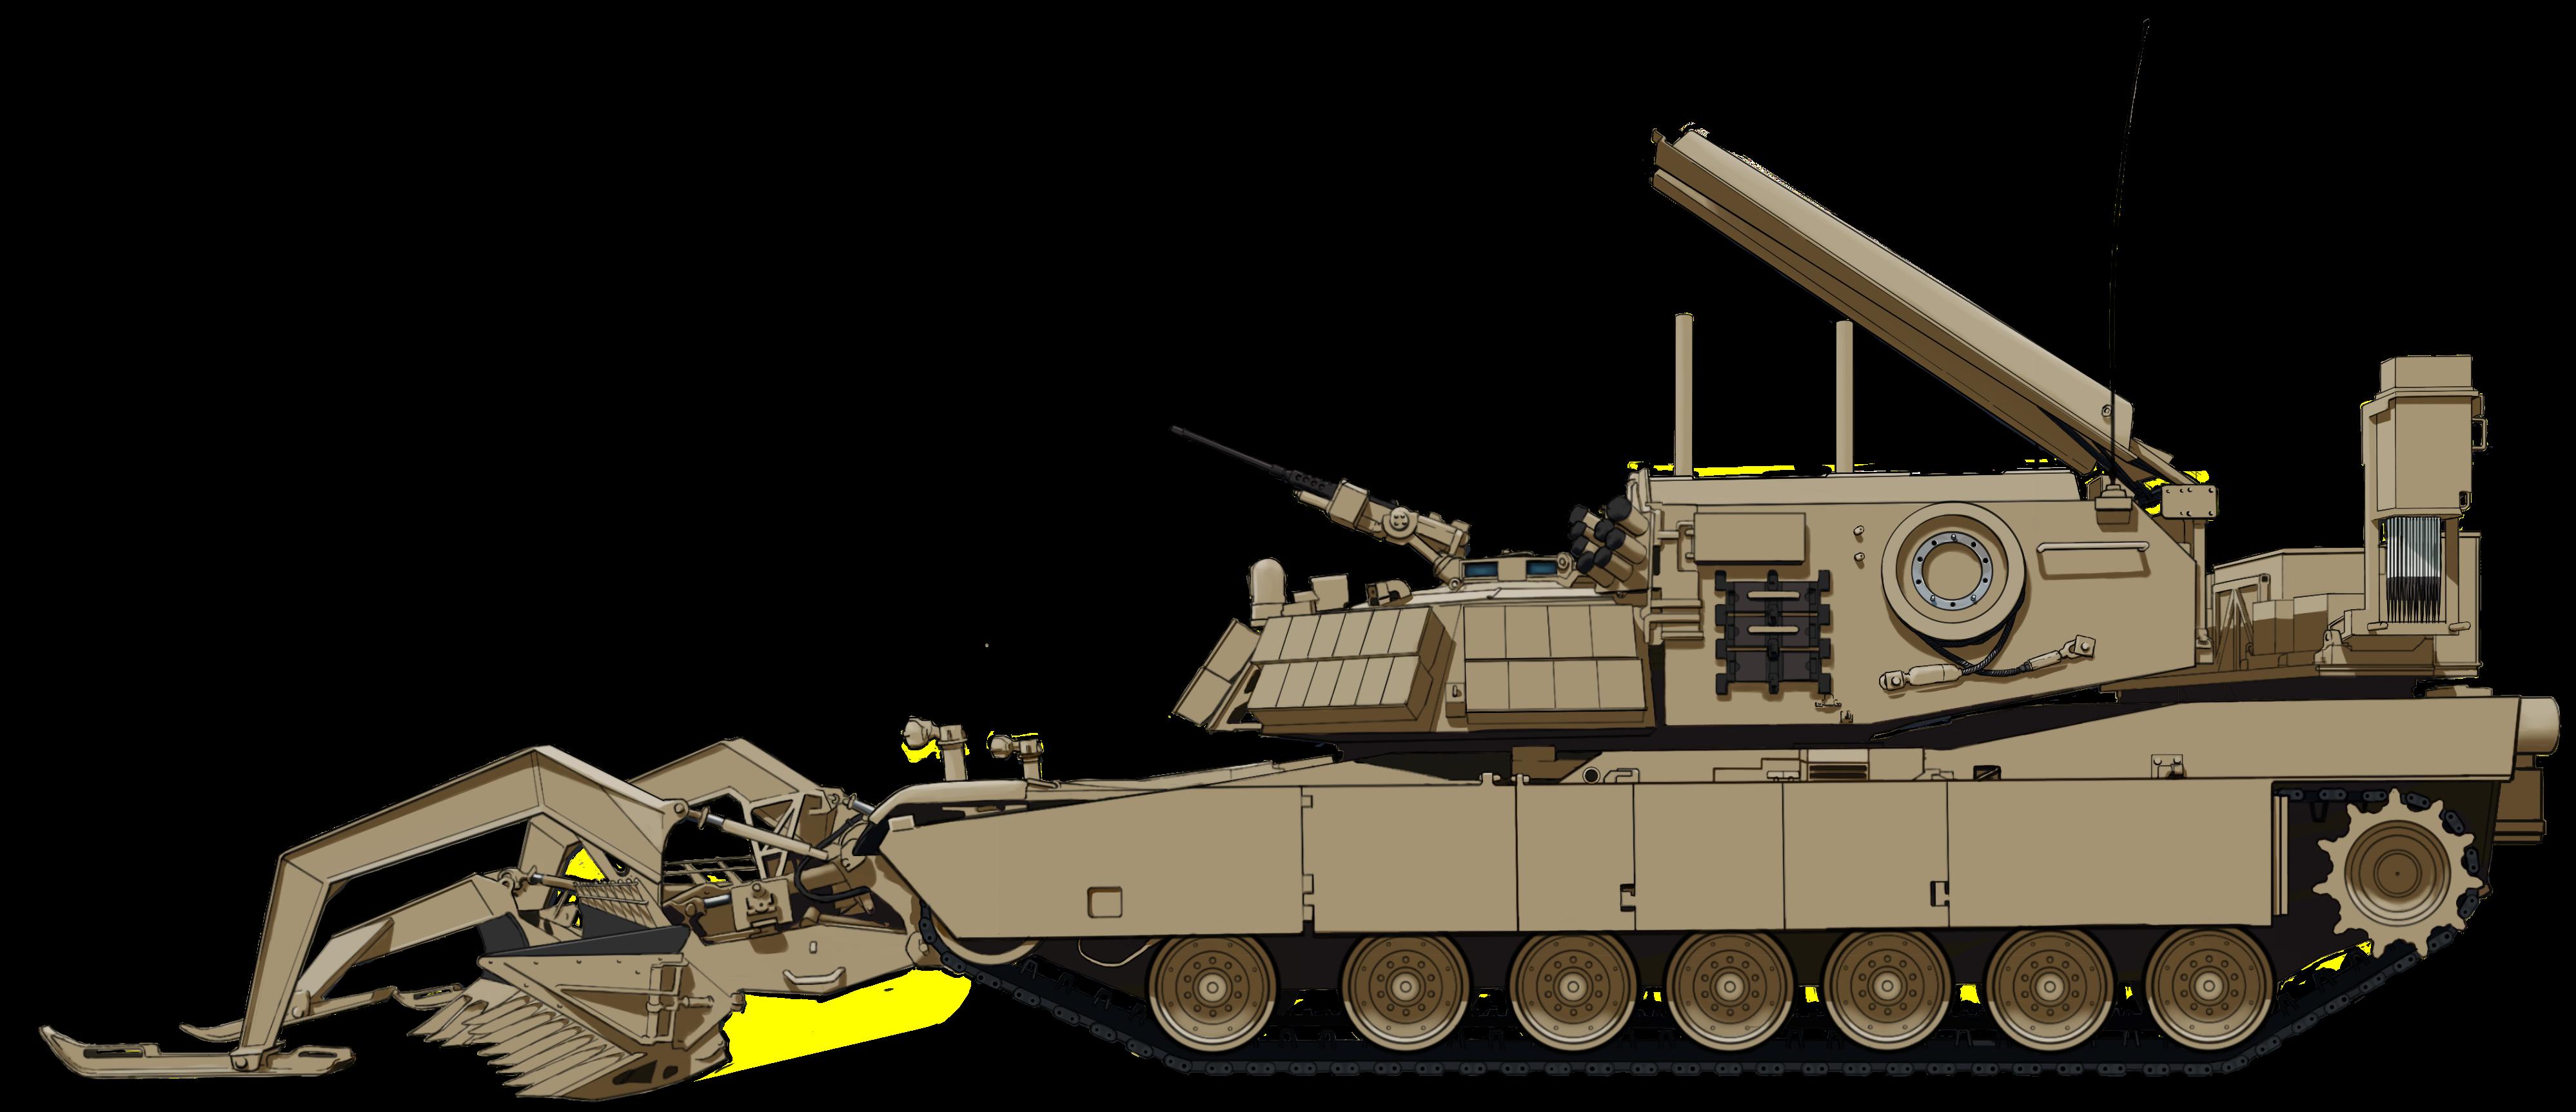 M1150 Assault Breacher Vehicle (ABV)